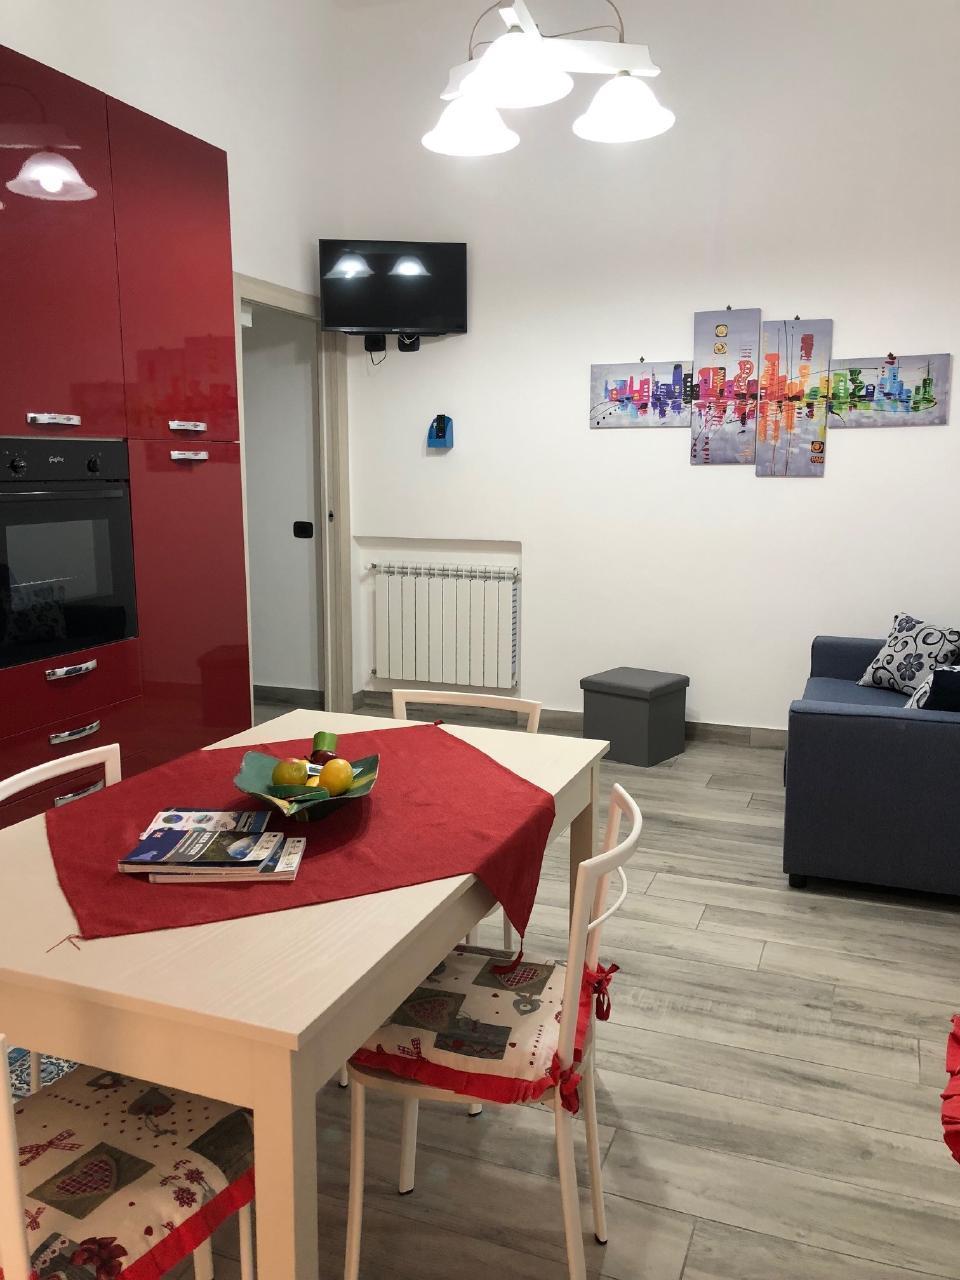 Maison de vacances Sonnenschein Wohnung (2133668), Trappeto, Palermo, Sicile, Italie, image 22